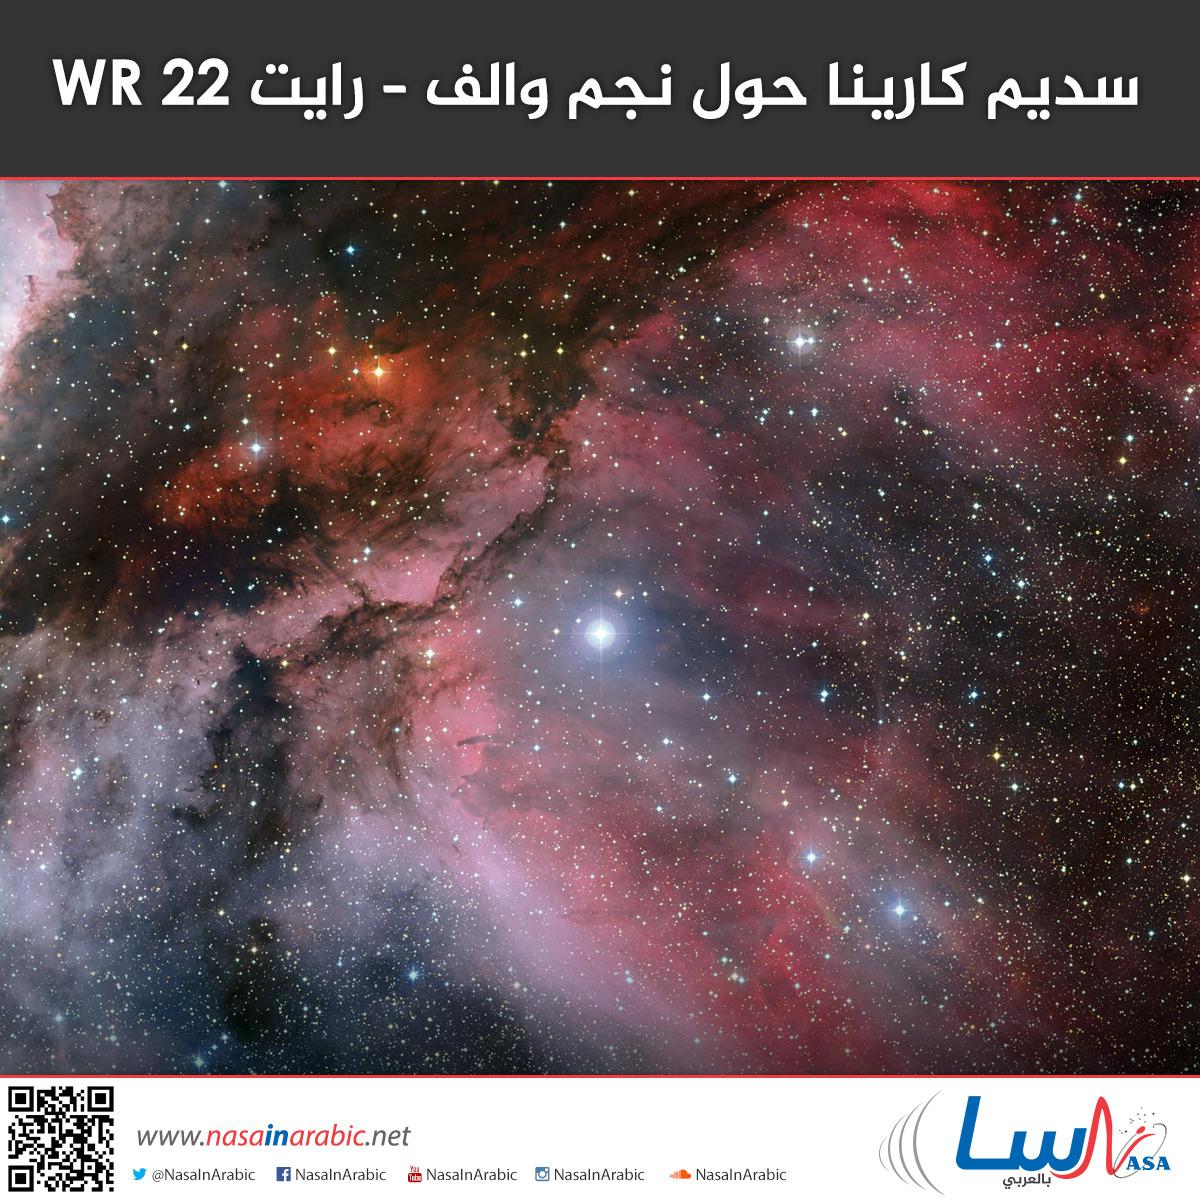 سديم كارينا حول نجم والف – رايت WR 22